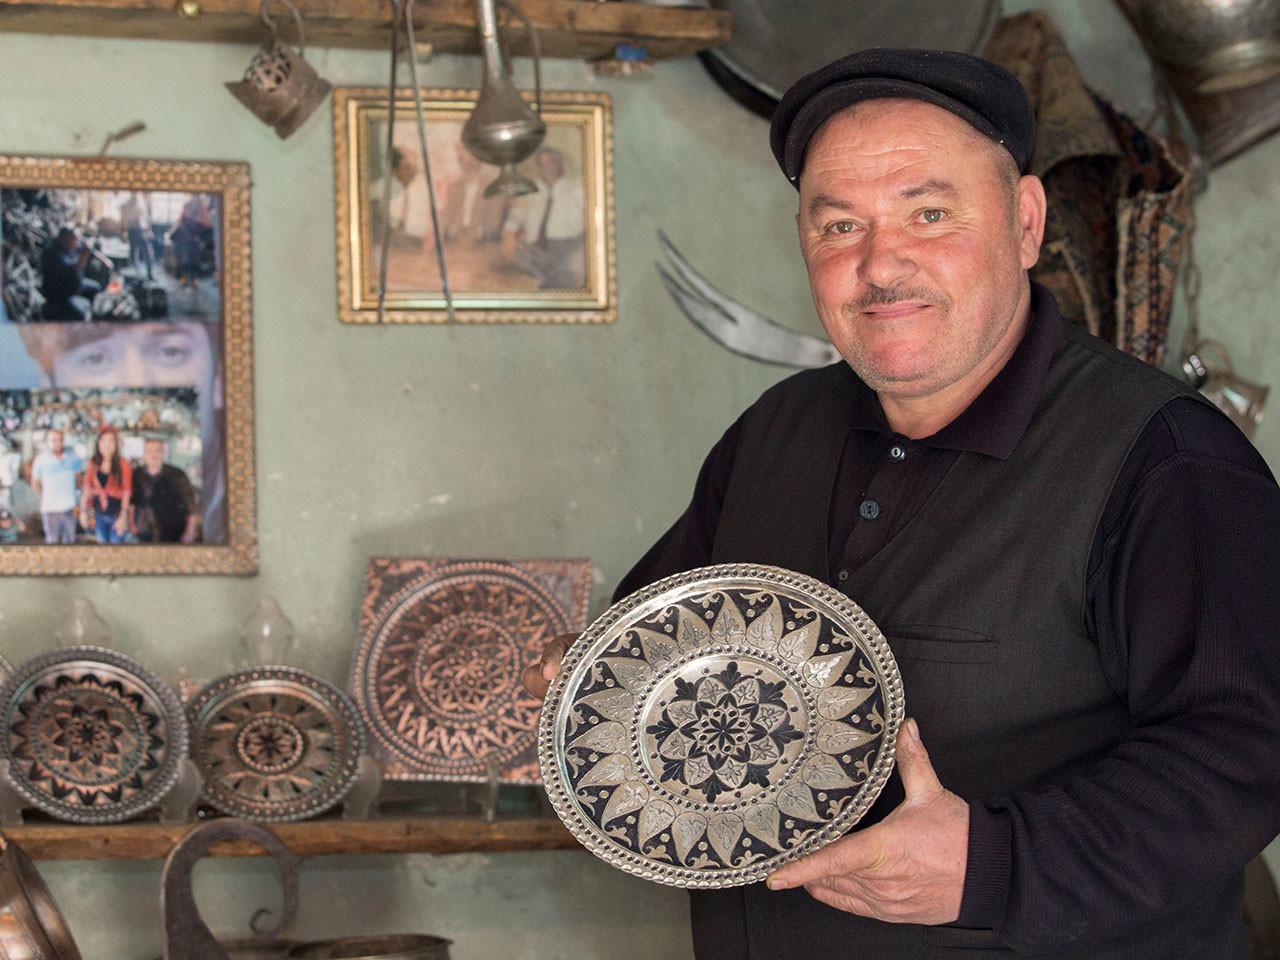 Kəbləmi Əliyev